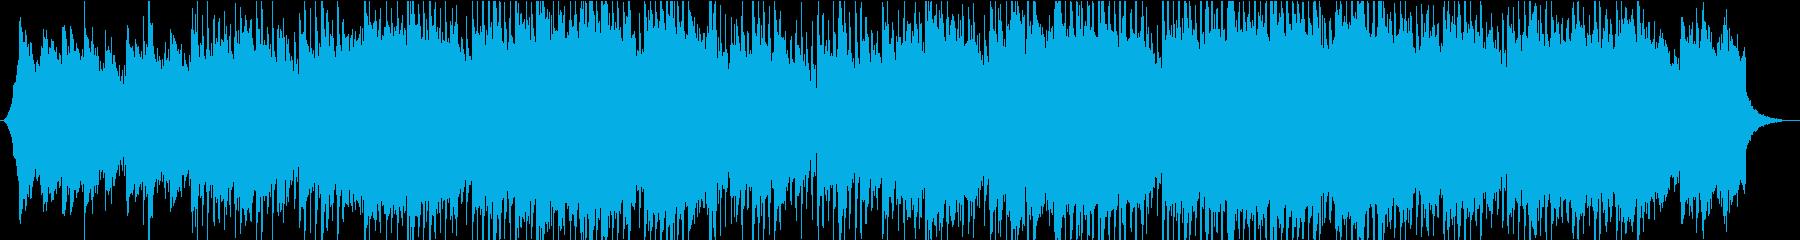 シンプルで落ち着いたギターのコーポレートの再生済みの波形